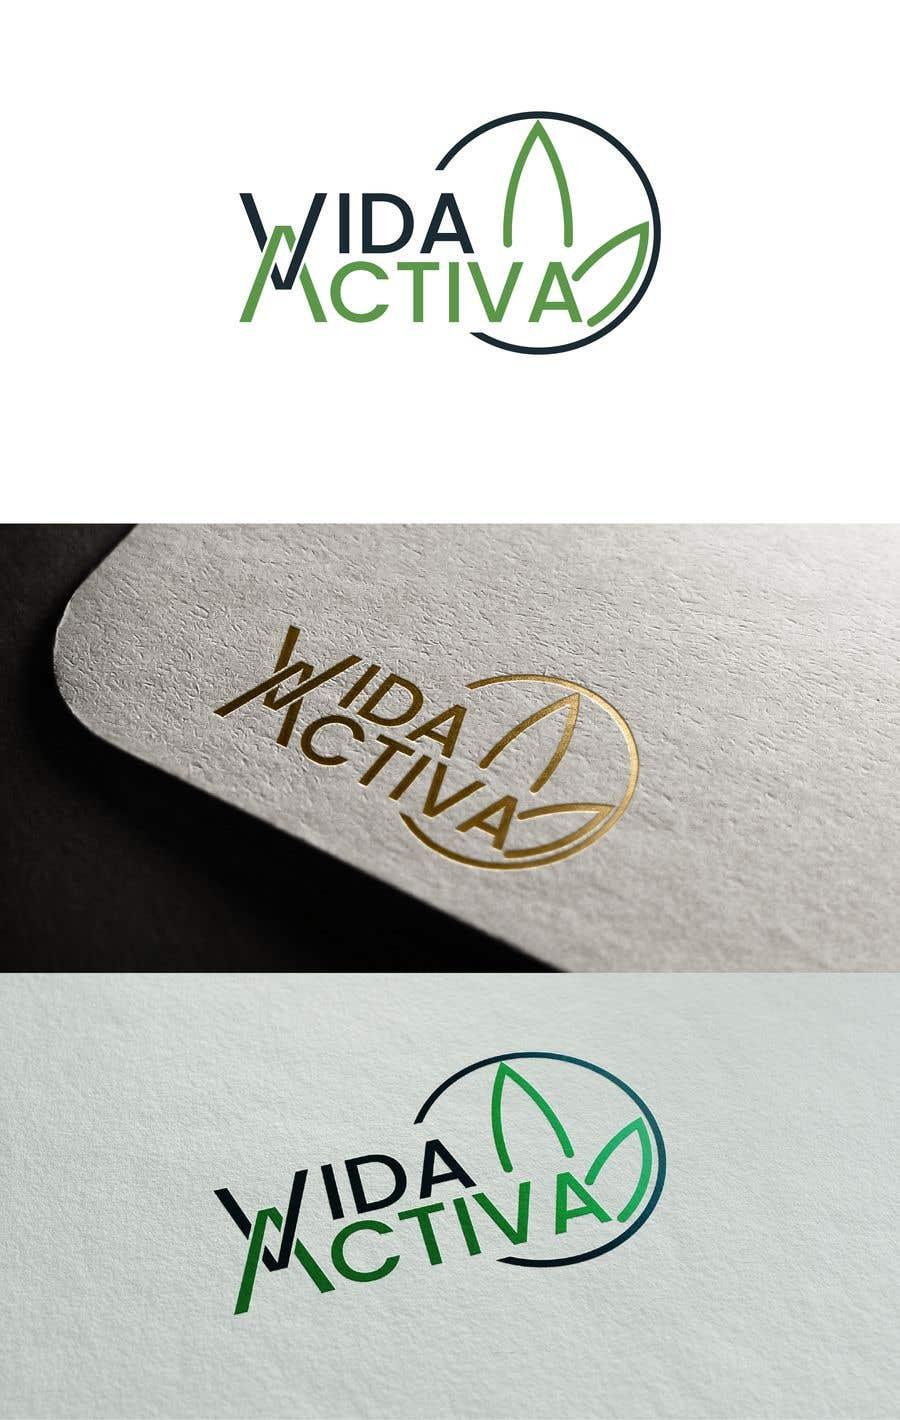 Kilpailutyö #                                        100                                      kilpailussa                                         Desarrollo de Logo para tienda de productos nutricionales